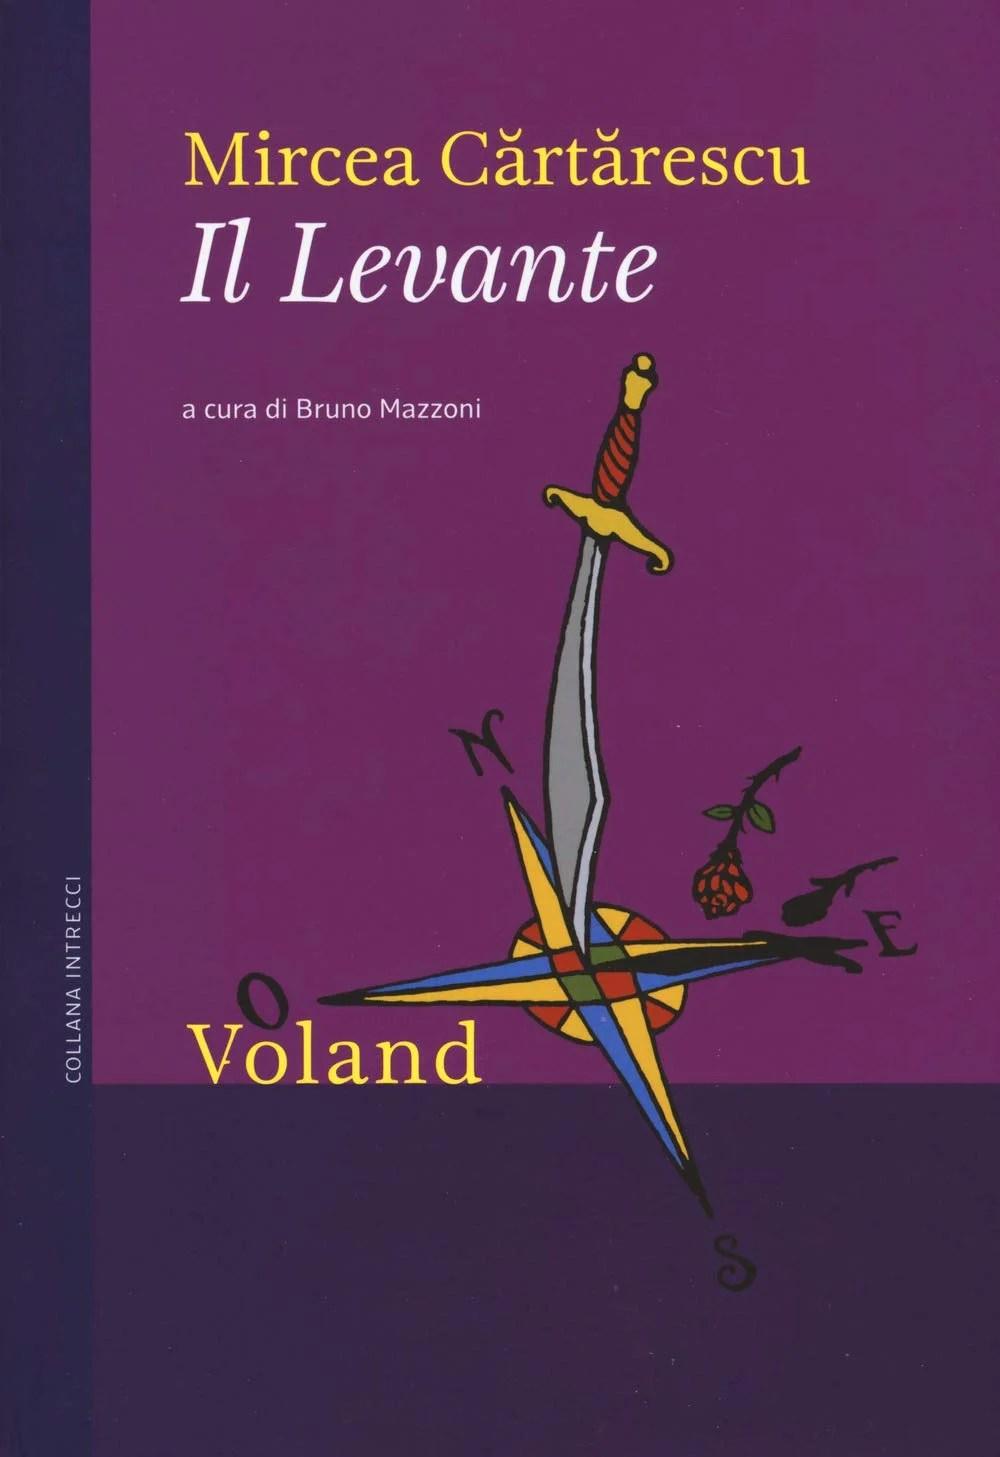 Recensione di Il Levante – Mircea Cărtărescu